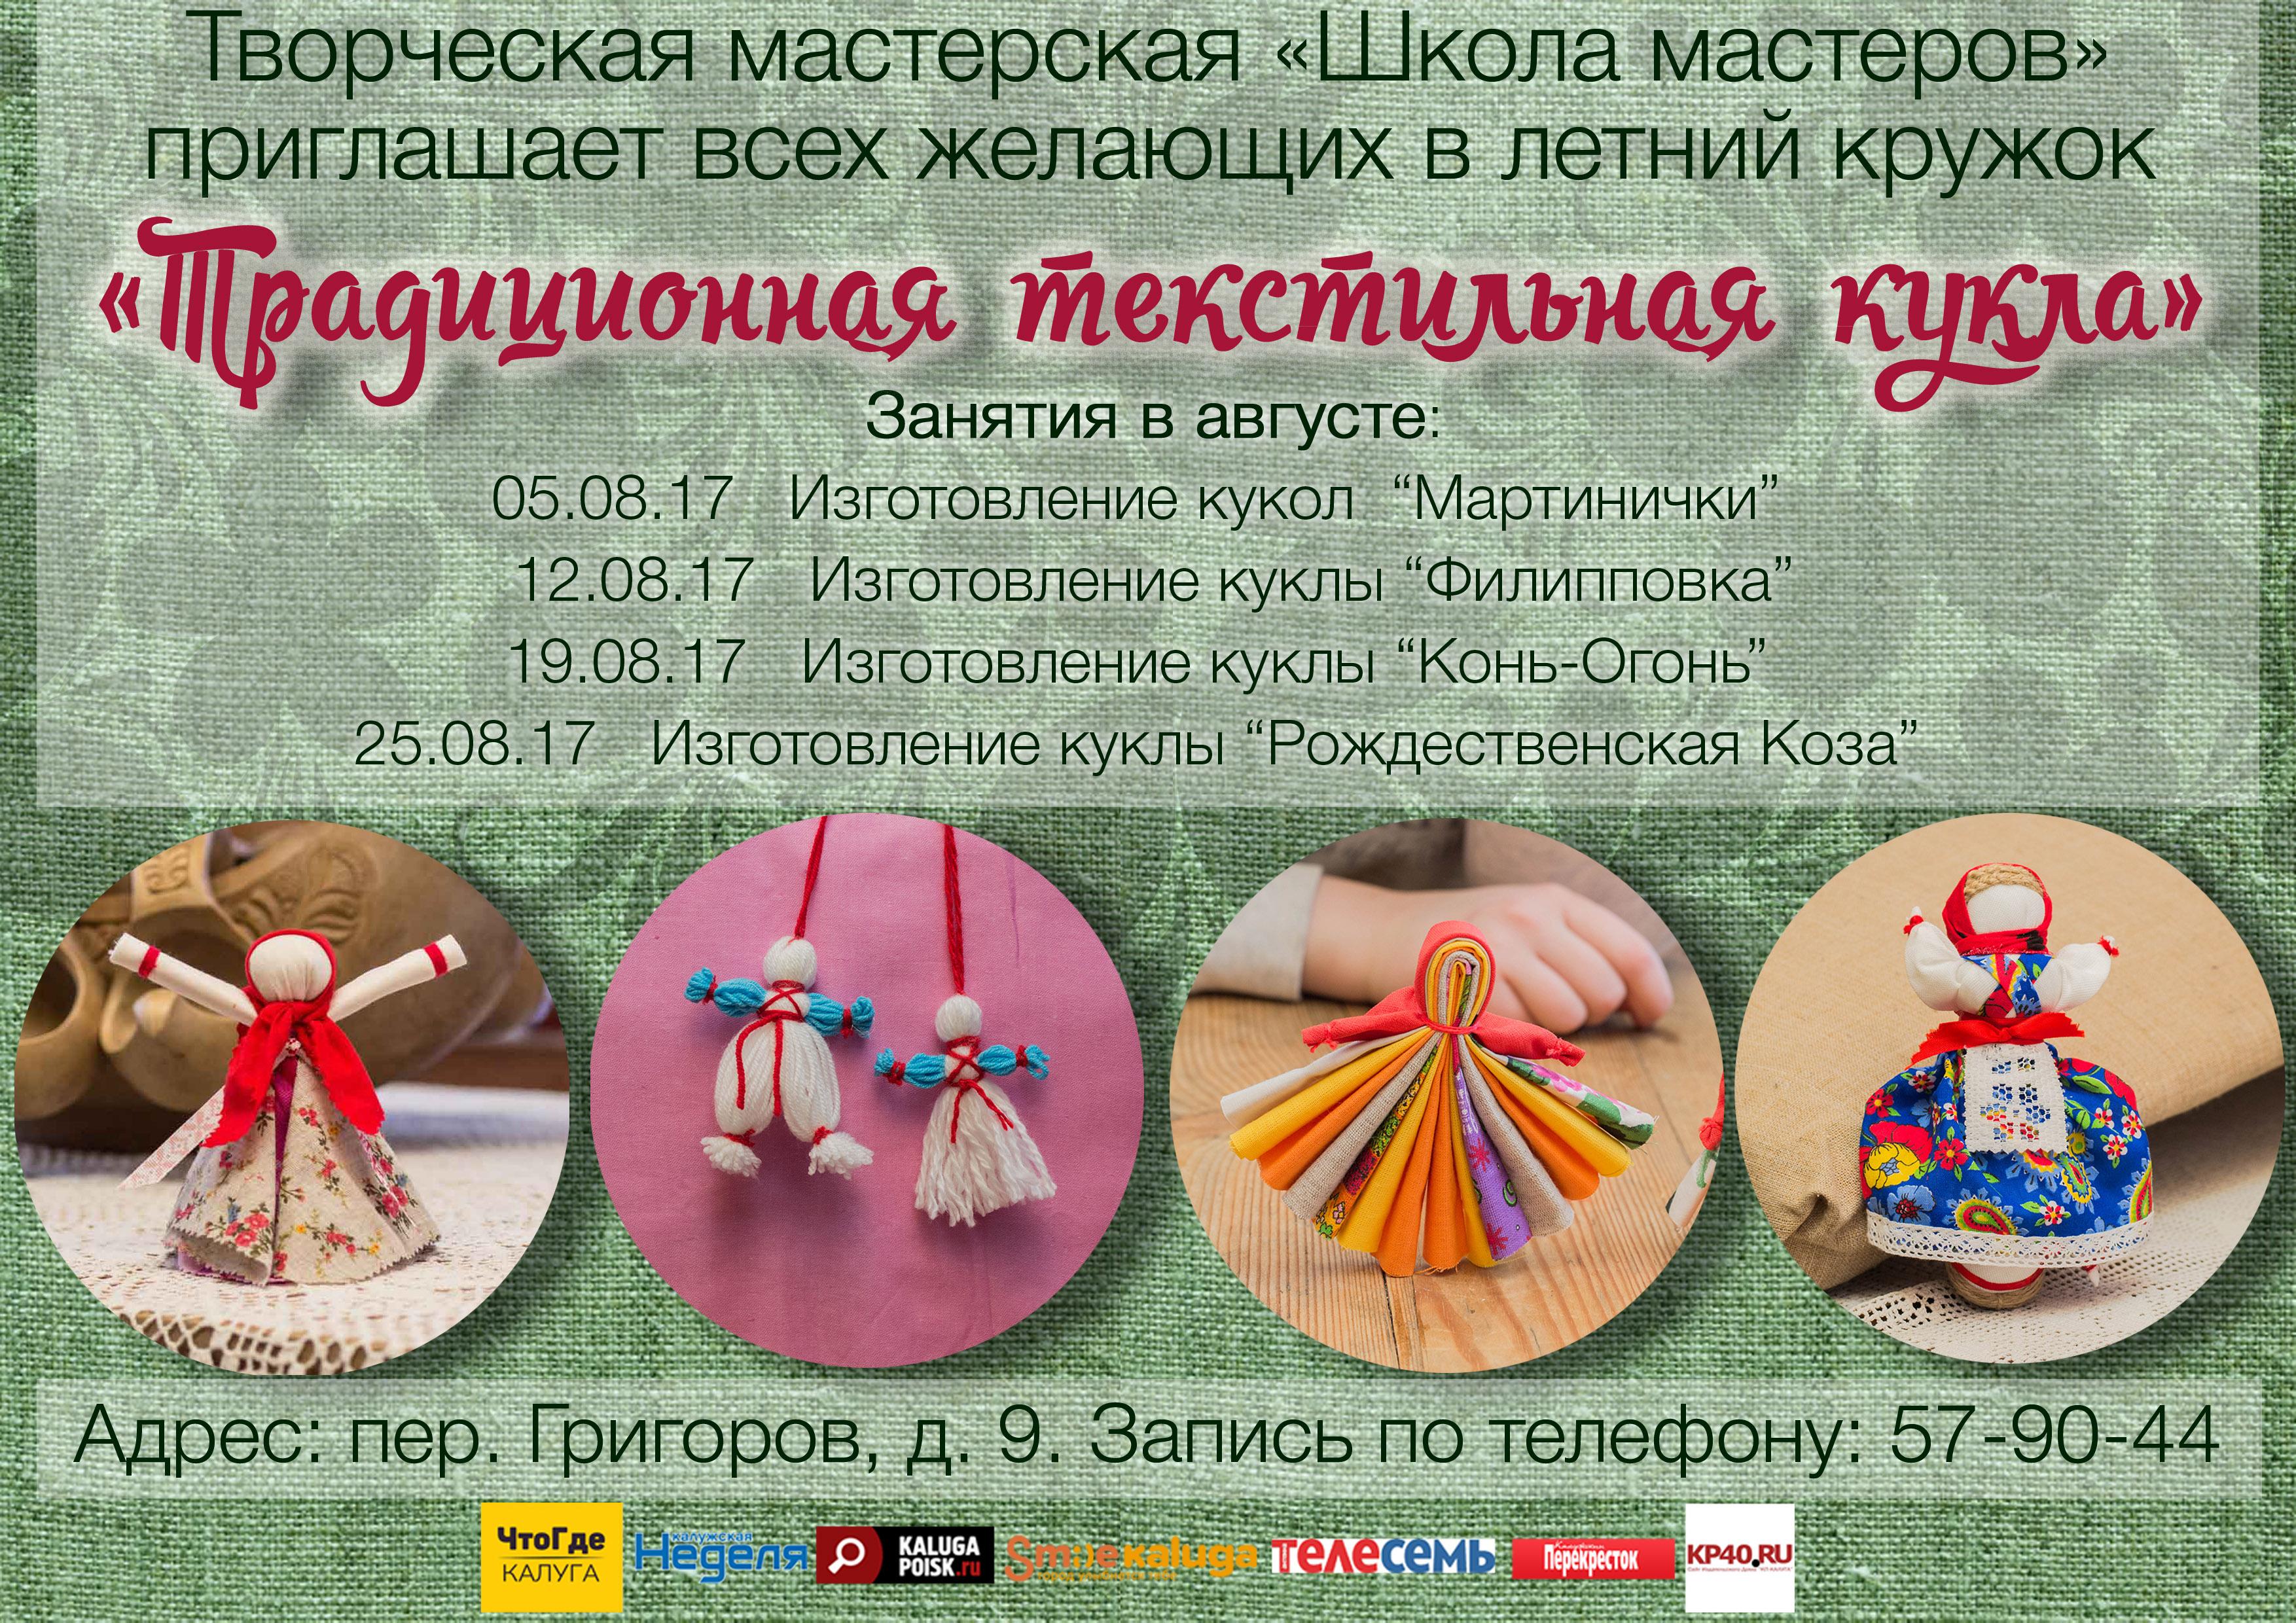 Кружок «Традиционная текстильная кукла» в Доме мастеров